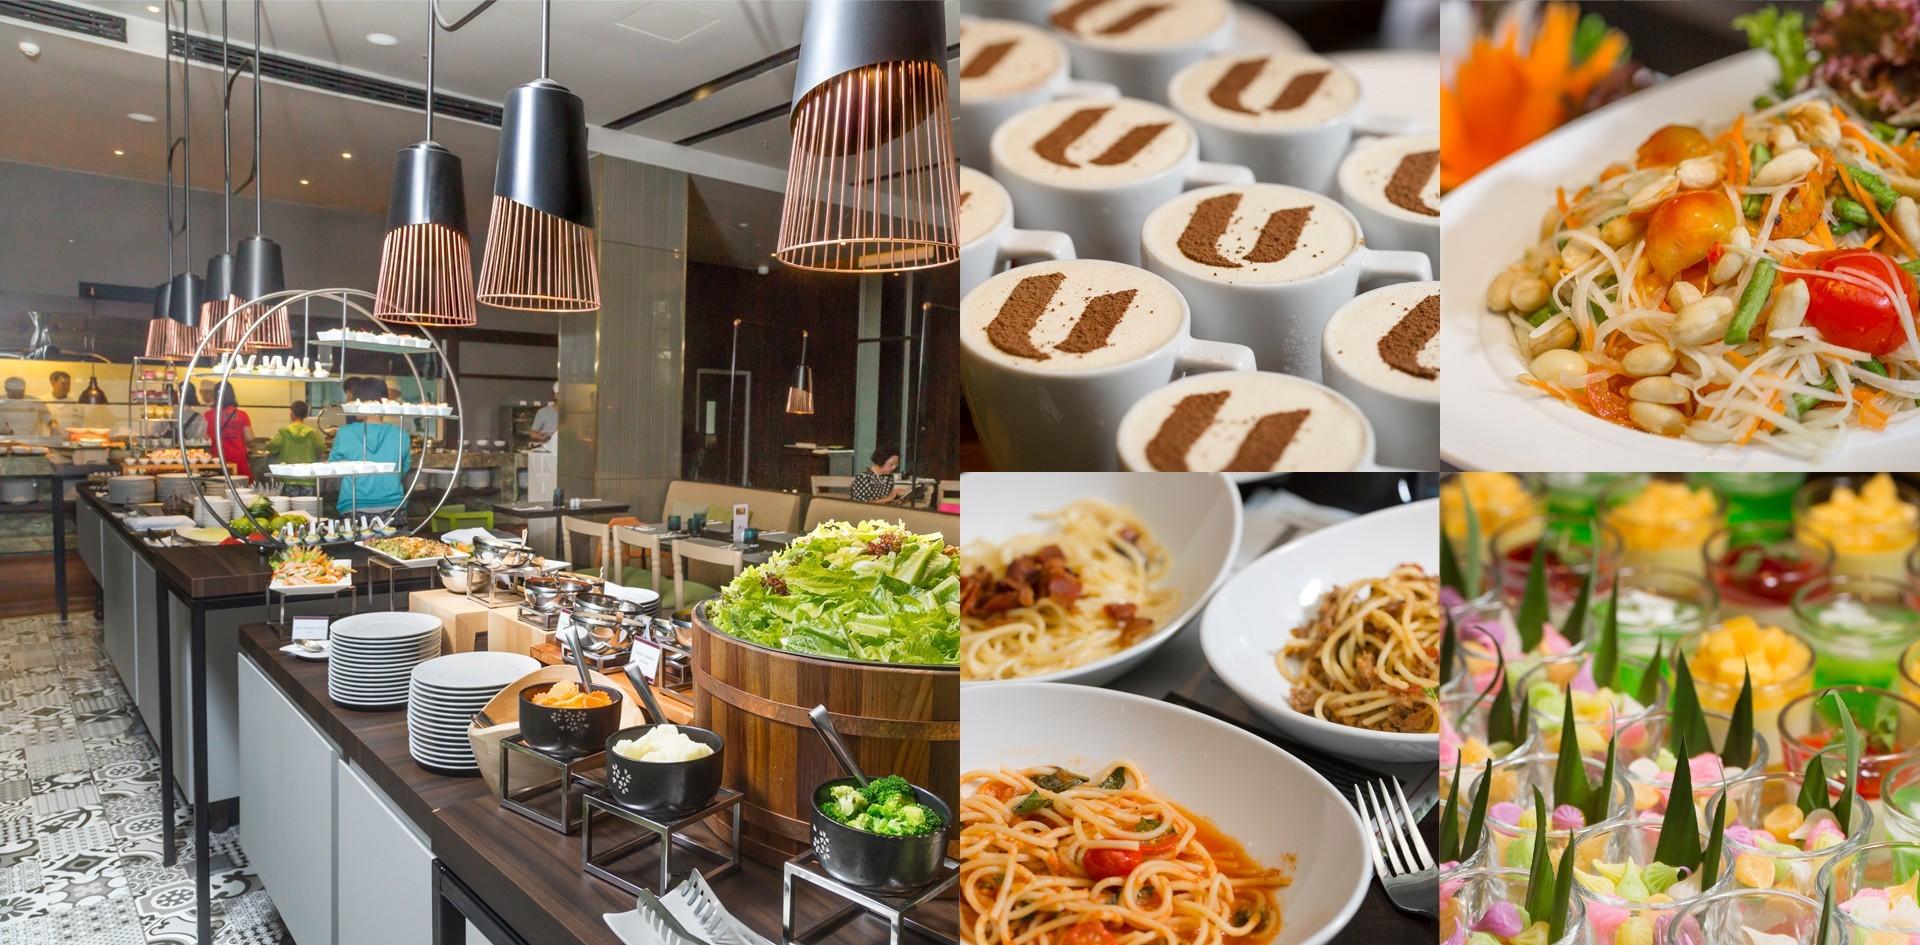 250 บาทเอาอยู่! บุฟเฟ่ต์อาหารไทยจัดเต็ม ที่ Eat at Rincome เชียงใหม่